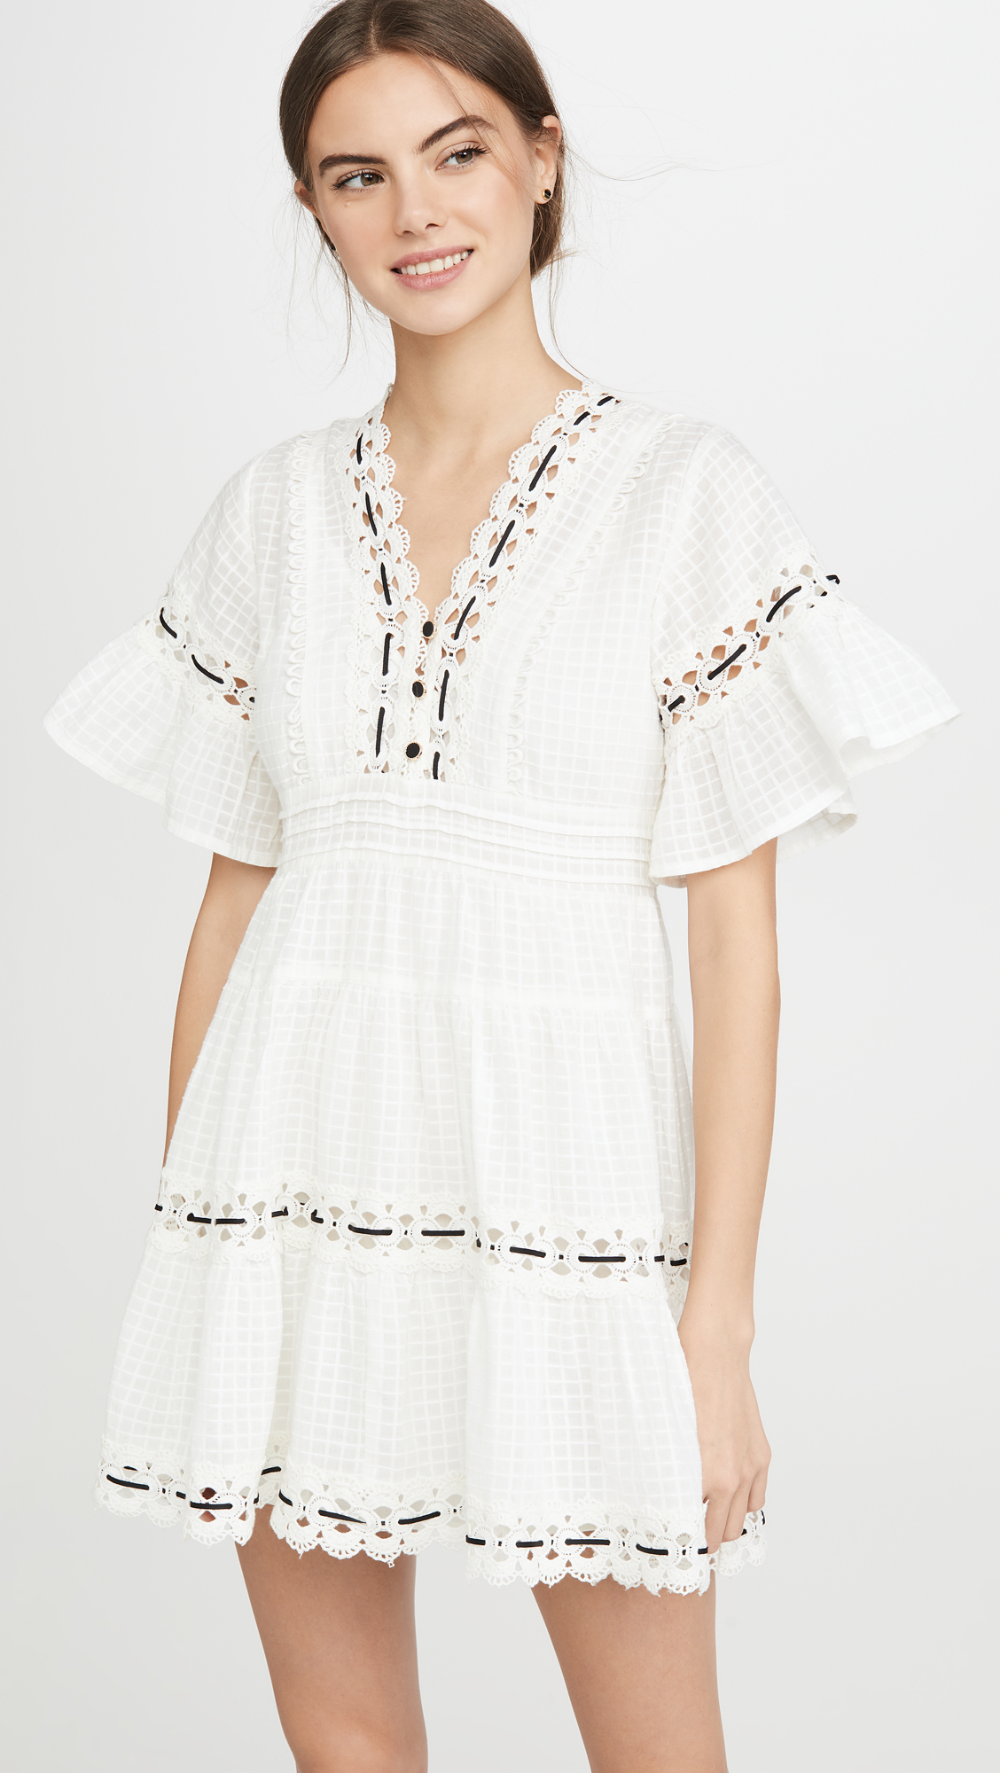 Rahi Marbella Tunic Dress Dresses Little White Dresses Striped Mini Dress [ 1773 x 1000 Pixel ]